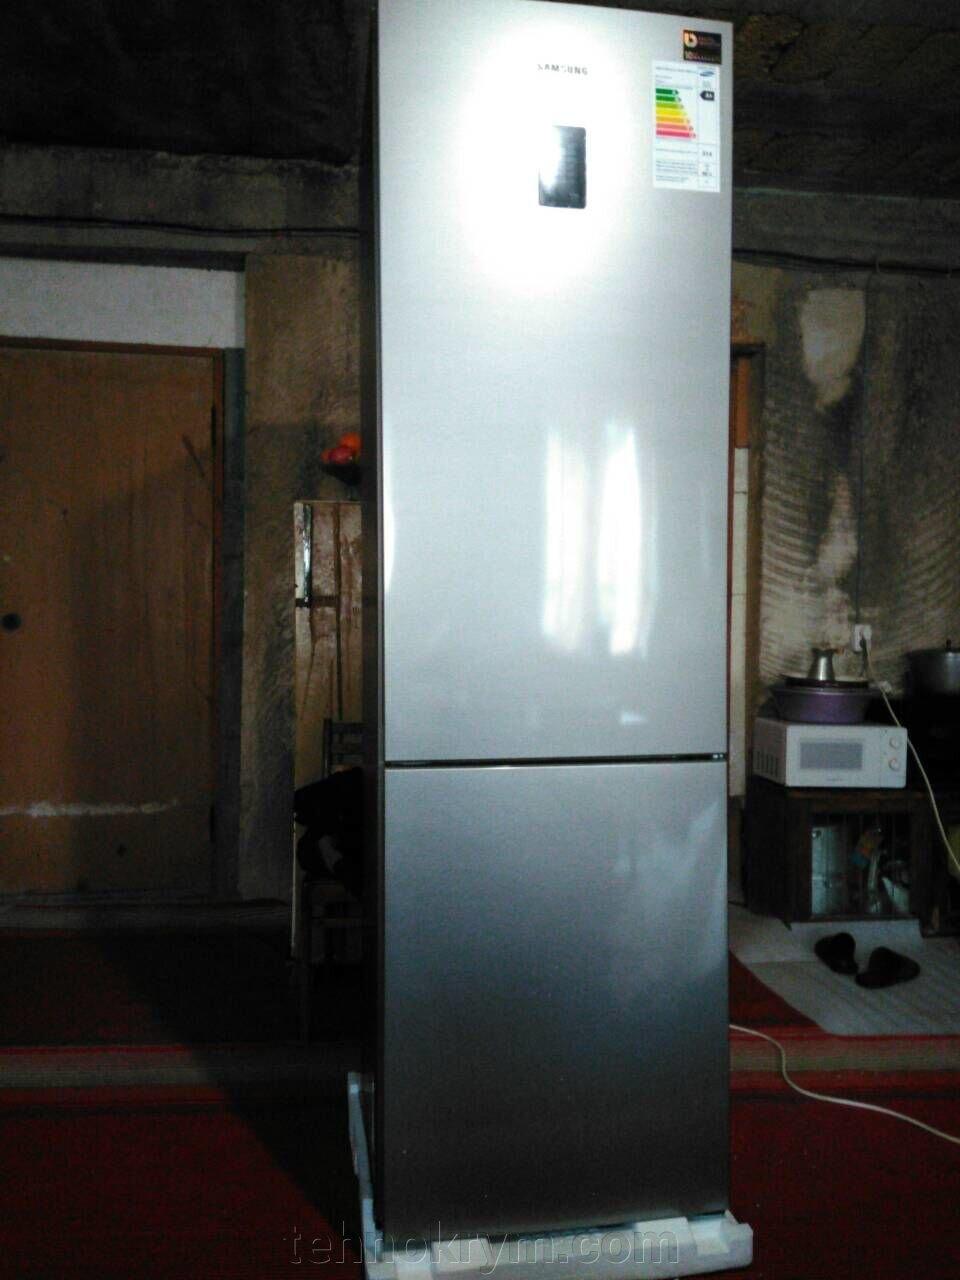 Доставка холодильника Samsung RB37J5240SA в с. Тургеневка Бахчисарайского района - фото pic_91836a5897dbab4_1920x9000_1.jpg